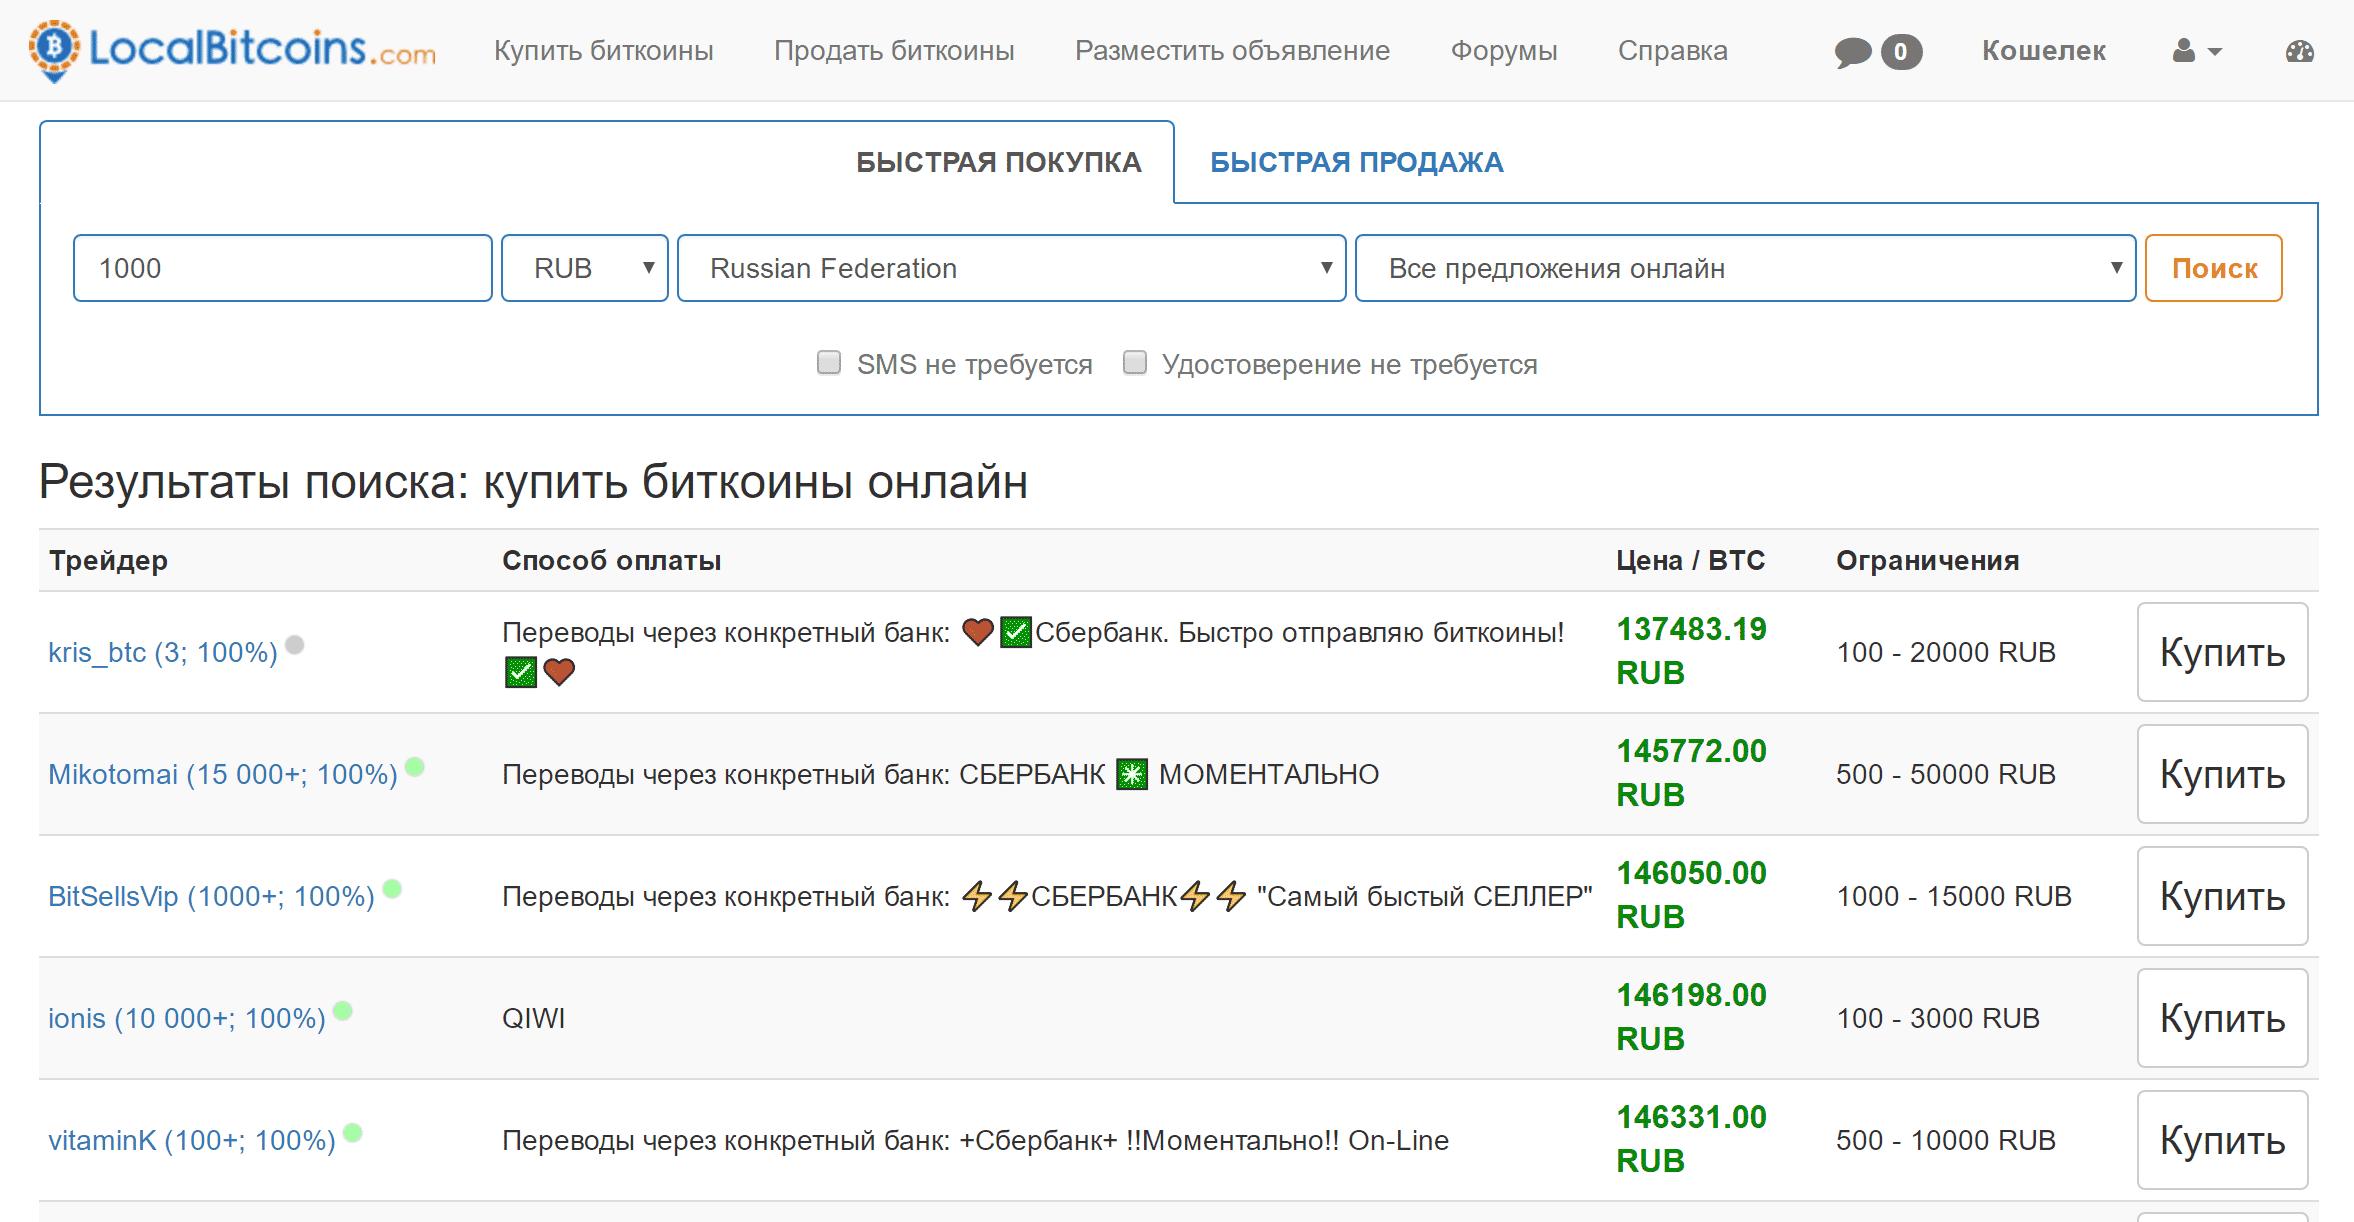 localbitcoins ellenőrzés nélkül